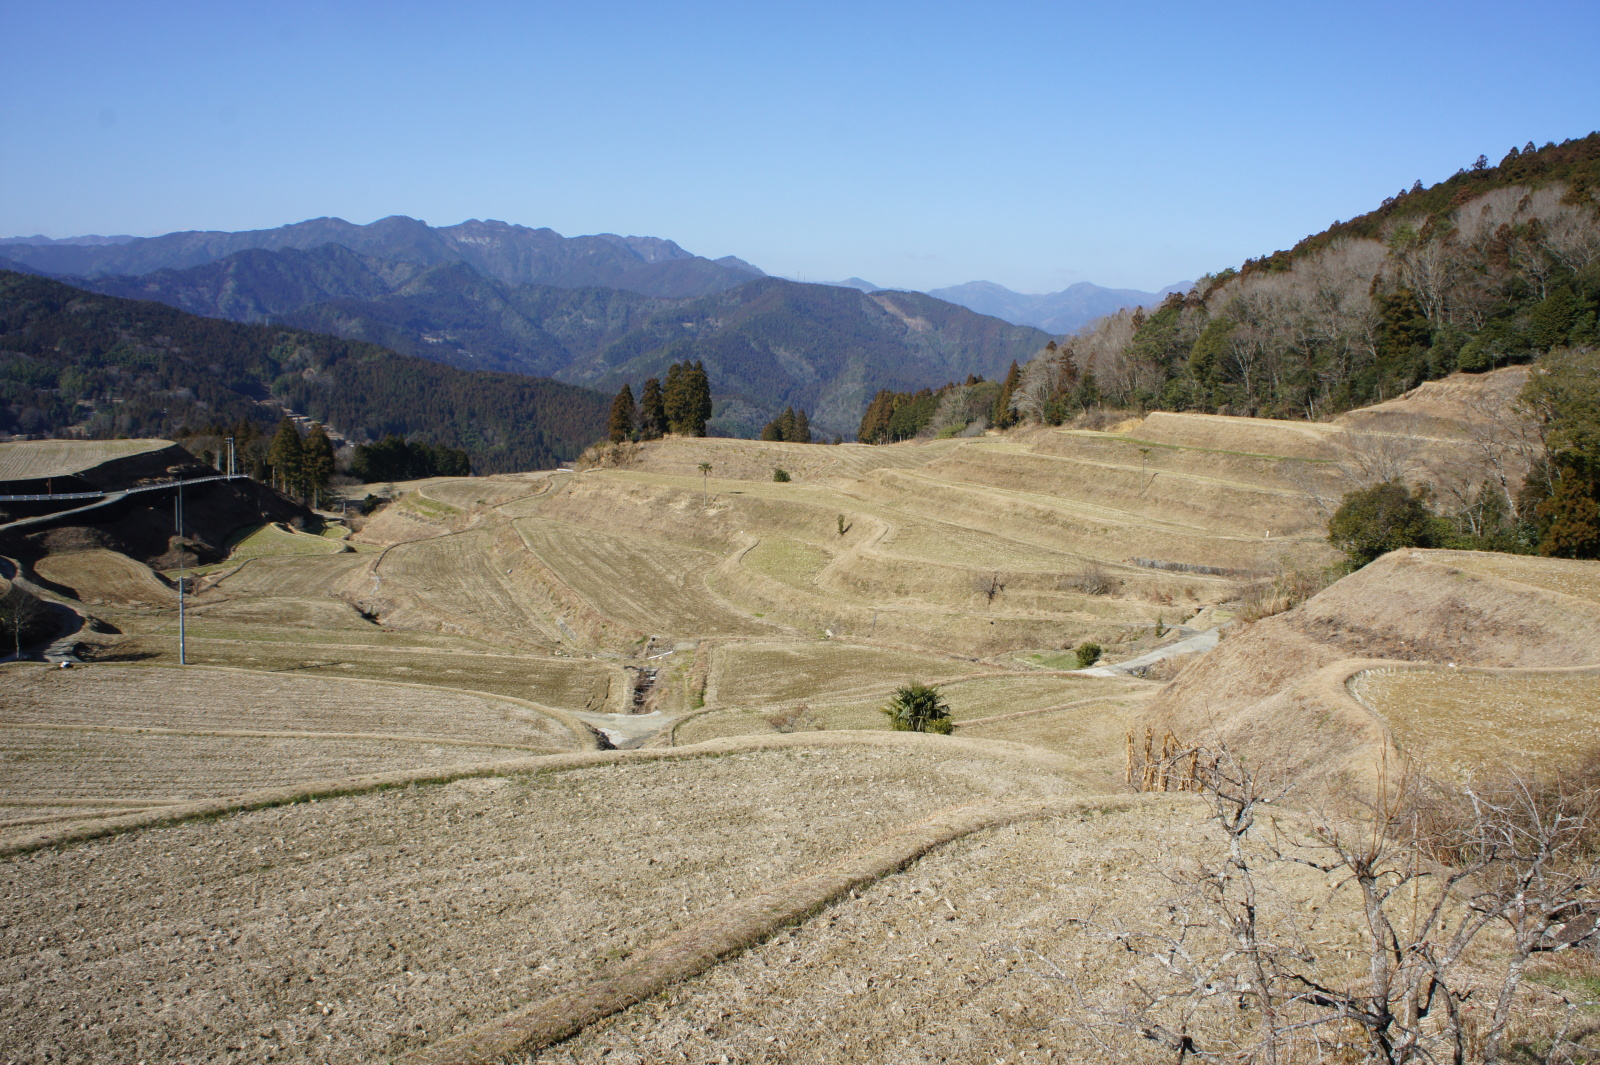 辺り一帯の斜面を埋め尽くす棚田の数々と、山深い土佐町の地形が独特の景観を作り出す